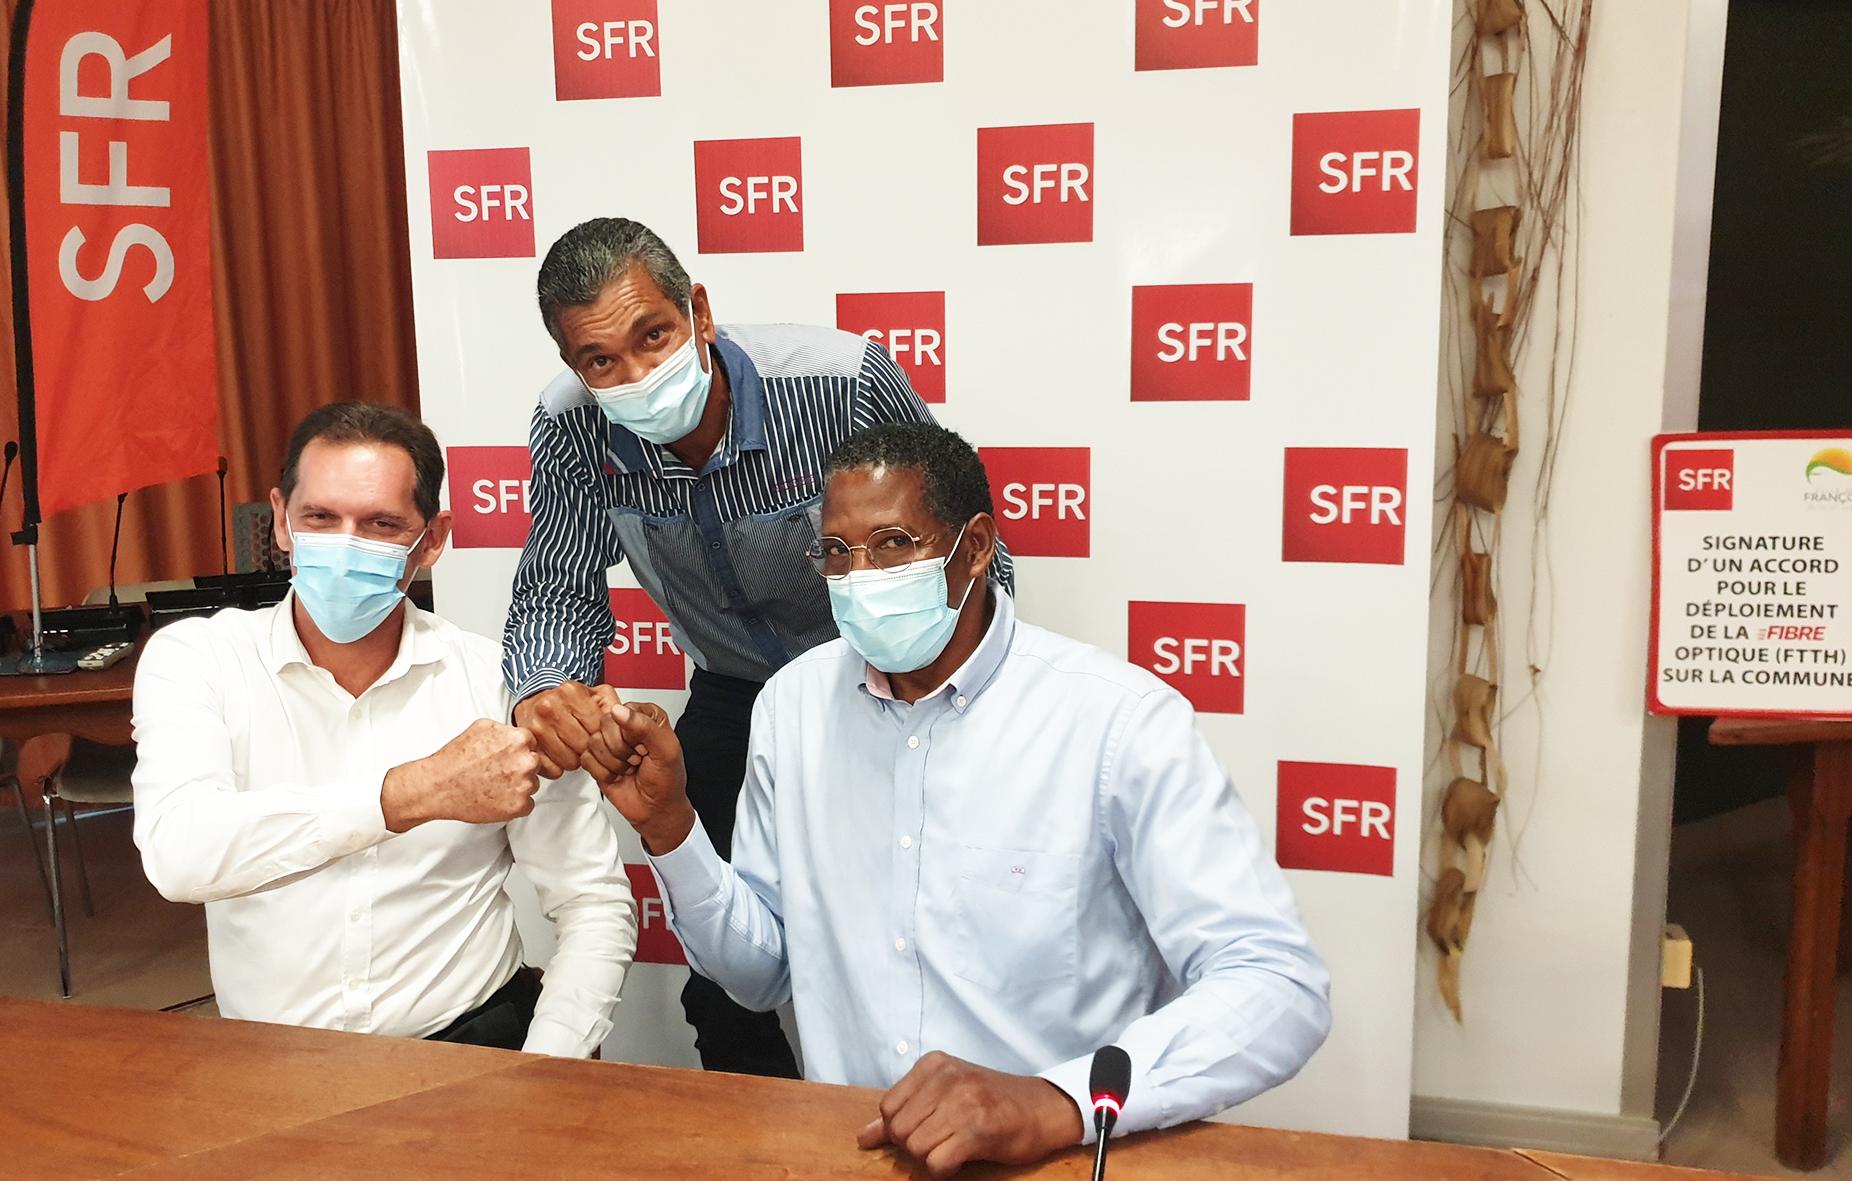 SFR / Mairie du François: signature accord de déploiement de la Fibre optique en commune